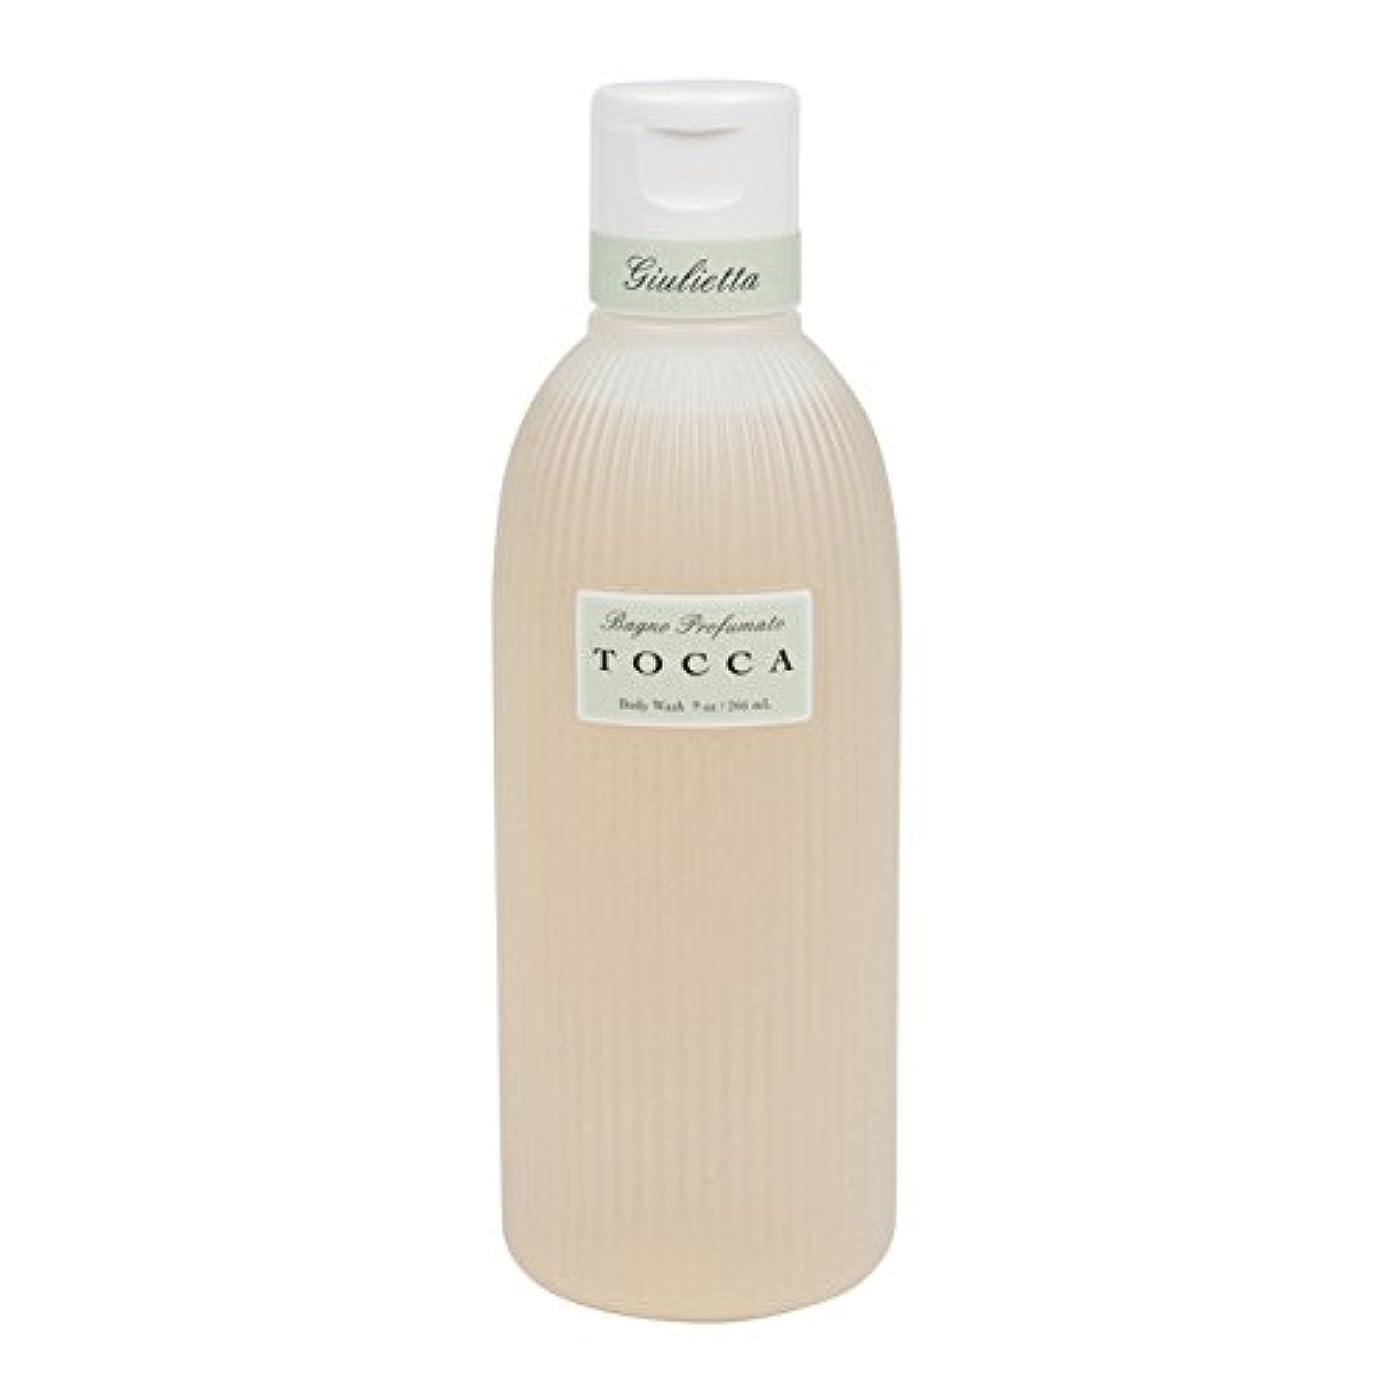 宮殿平日こだわりトッカ(TOCCA) ボディーケアウォッシュ ジュリエッタの香り  266ml(全身用洗浄料 ボディーソープ ピンクチューリップとグリーンアップルの爽やかで甘い香り)